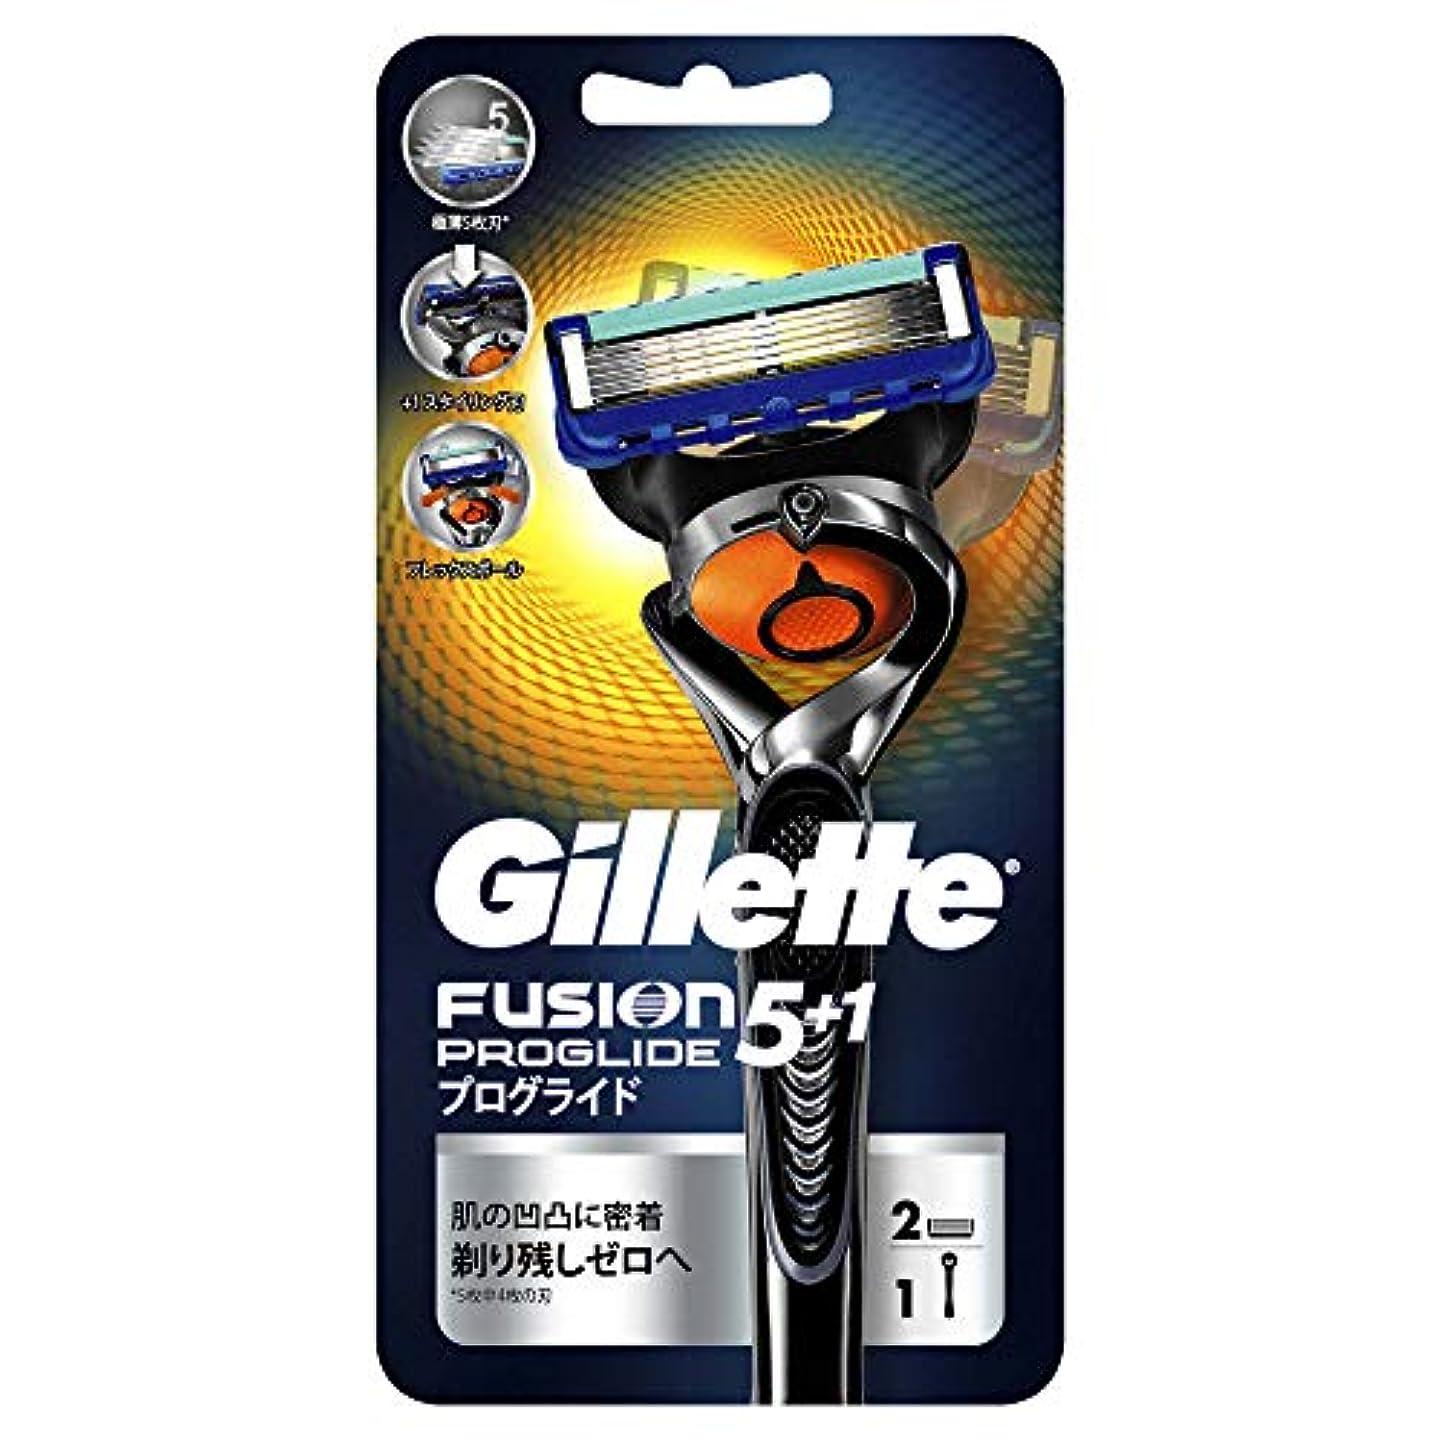 器具まだらラビリンスジレット プログライド フレックスボール マニュアル 髭剃り 本体 替刃2個付